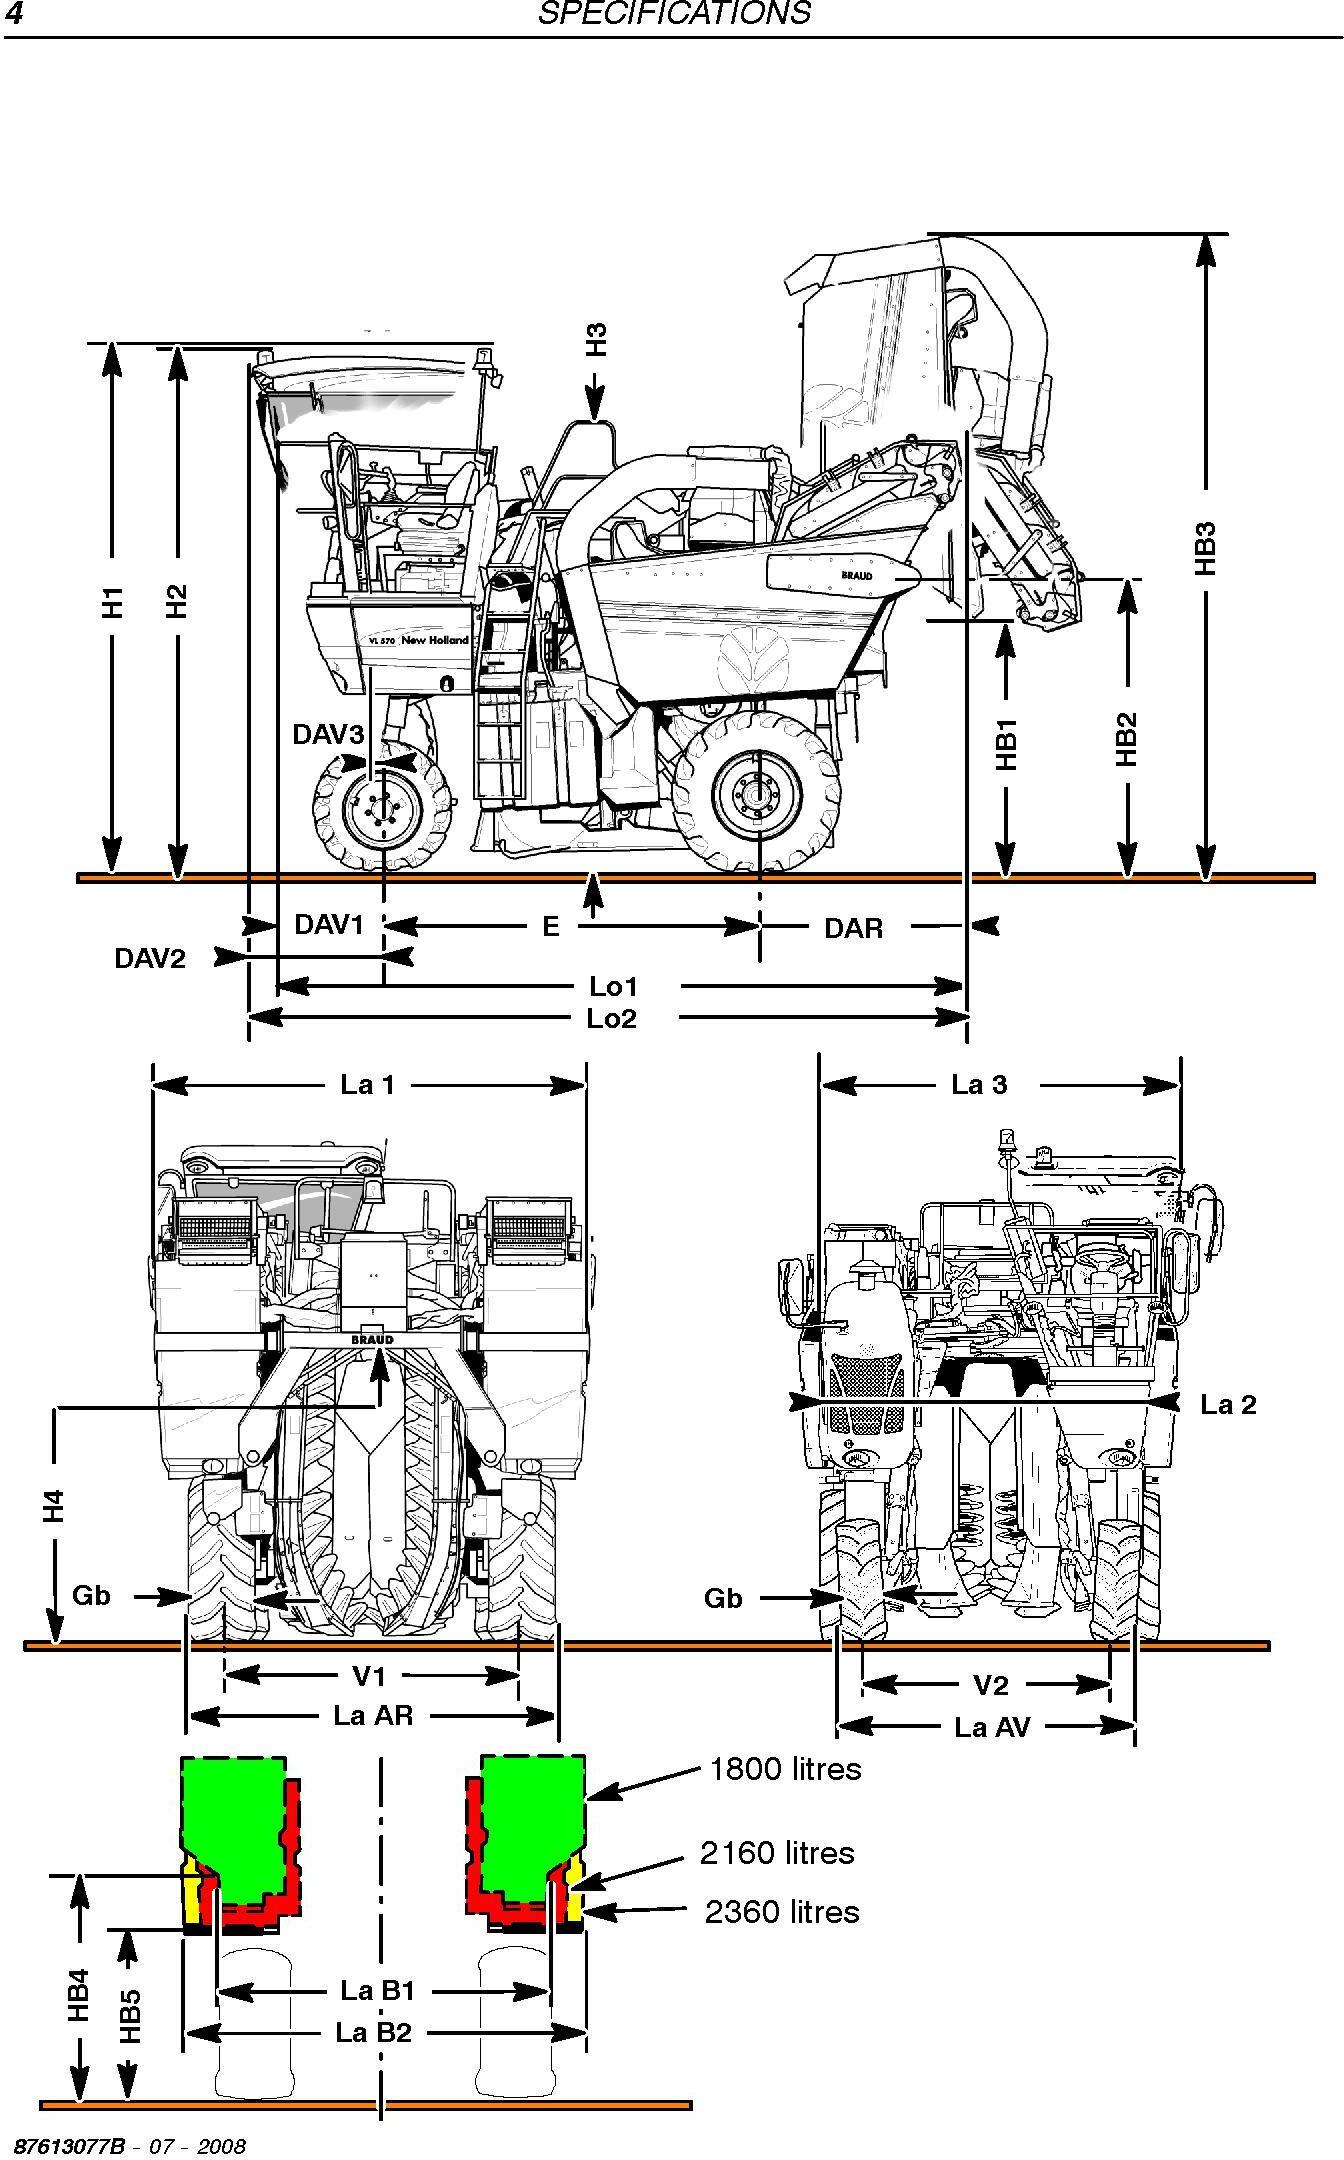 New Holland VL5060, VL5070, VL5080, VM3080 Grape Harvester Service Manual - 1